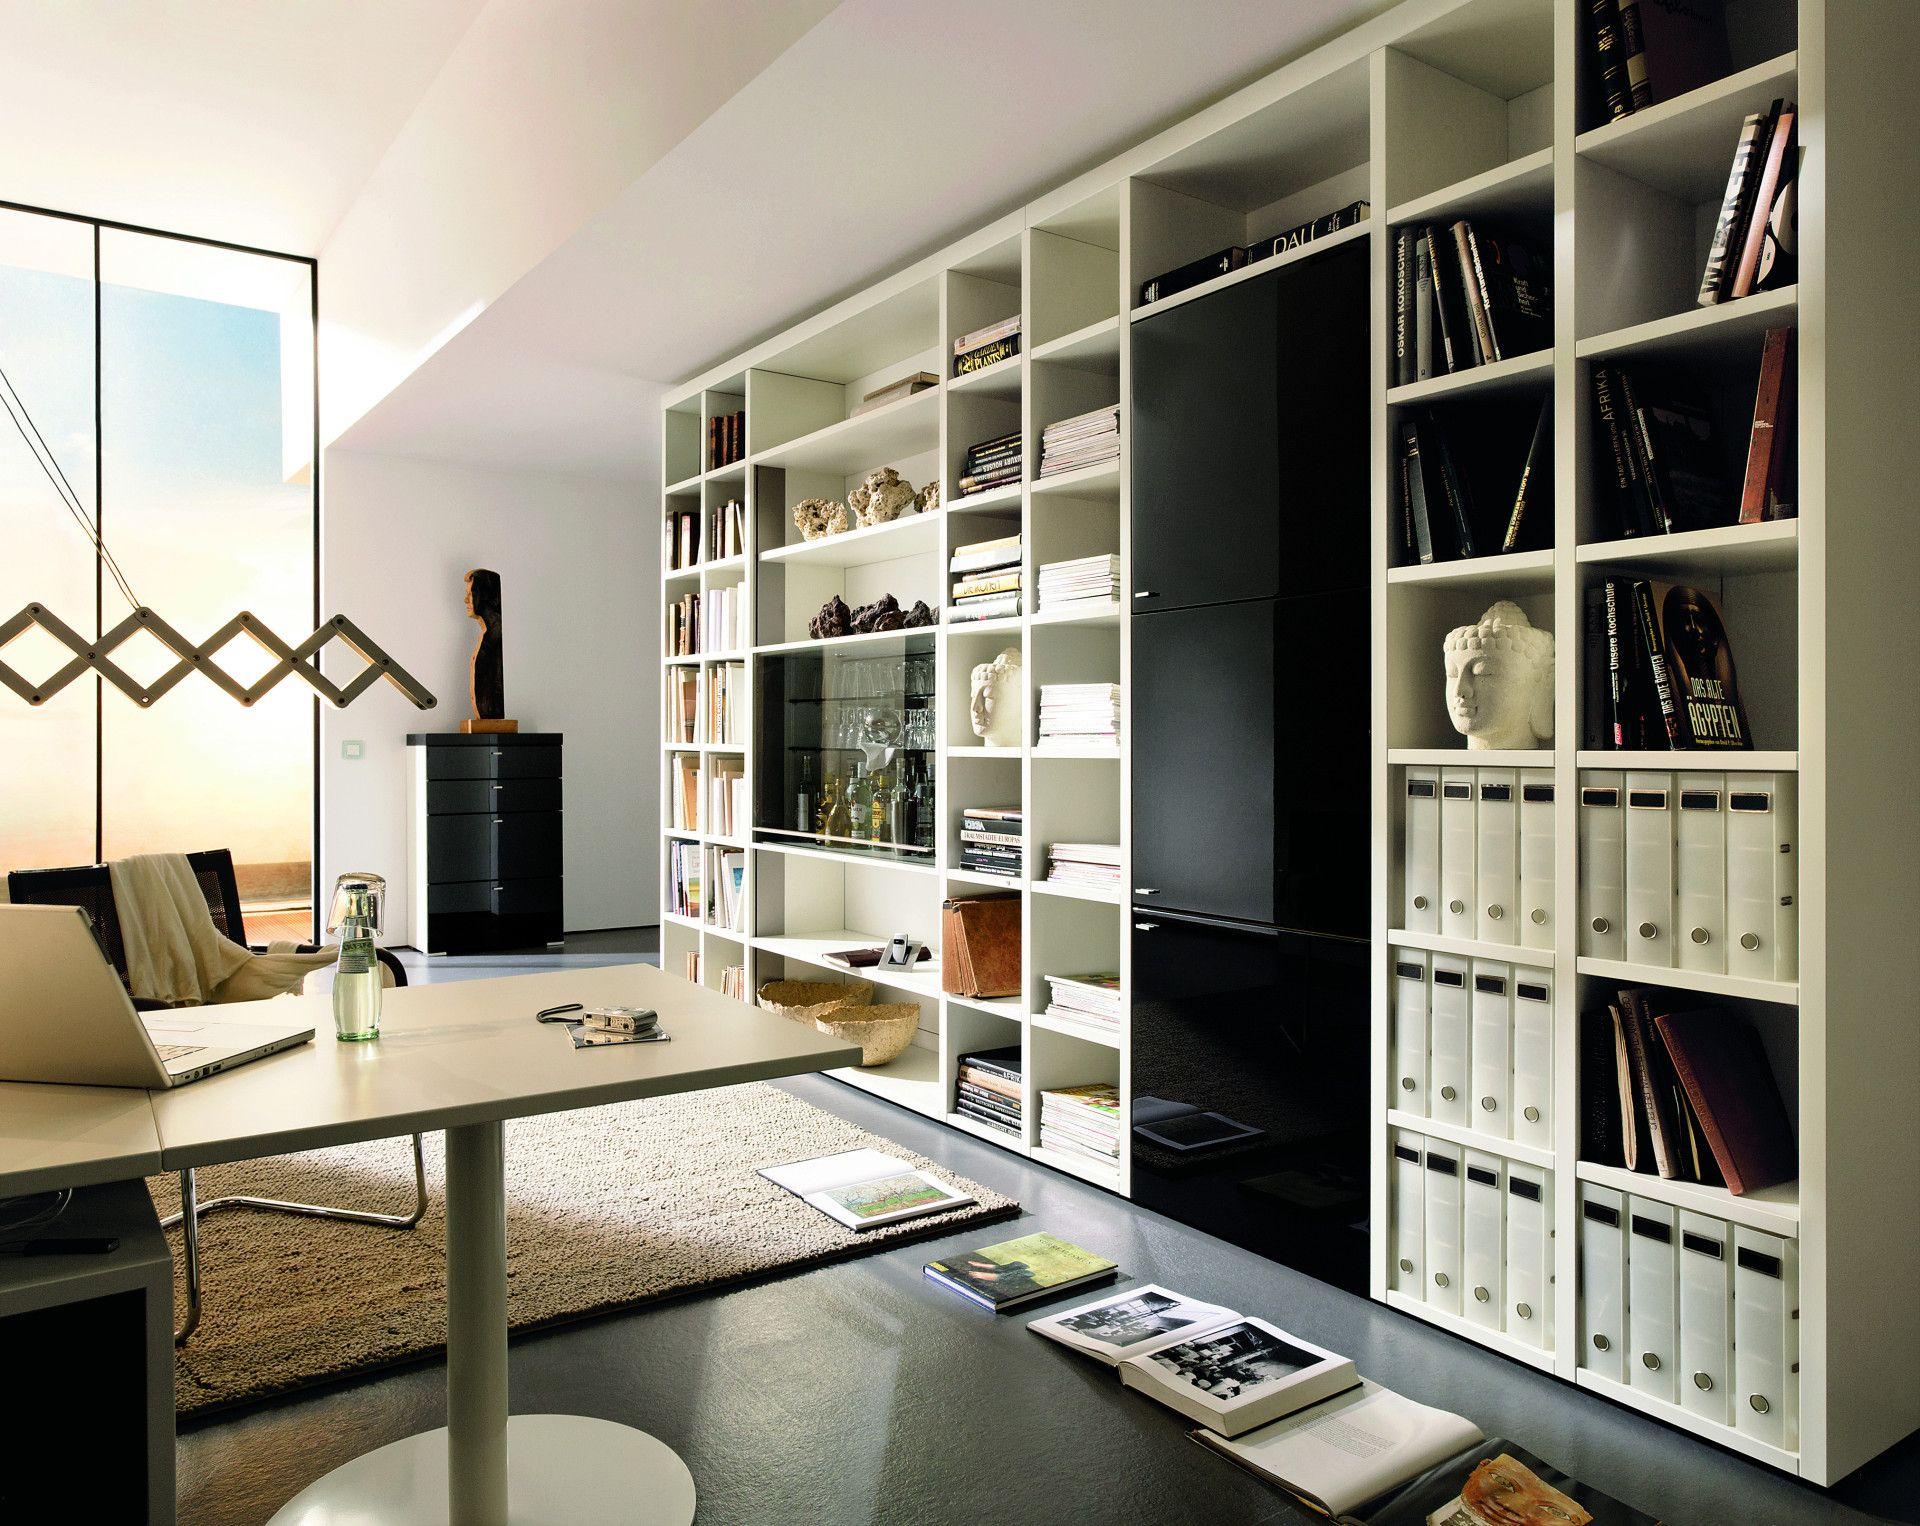 Wohnzimmer zum leben und arbeiten - Hulsta regalwand ...